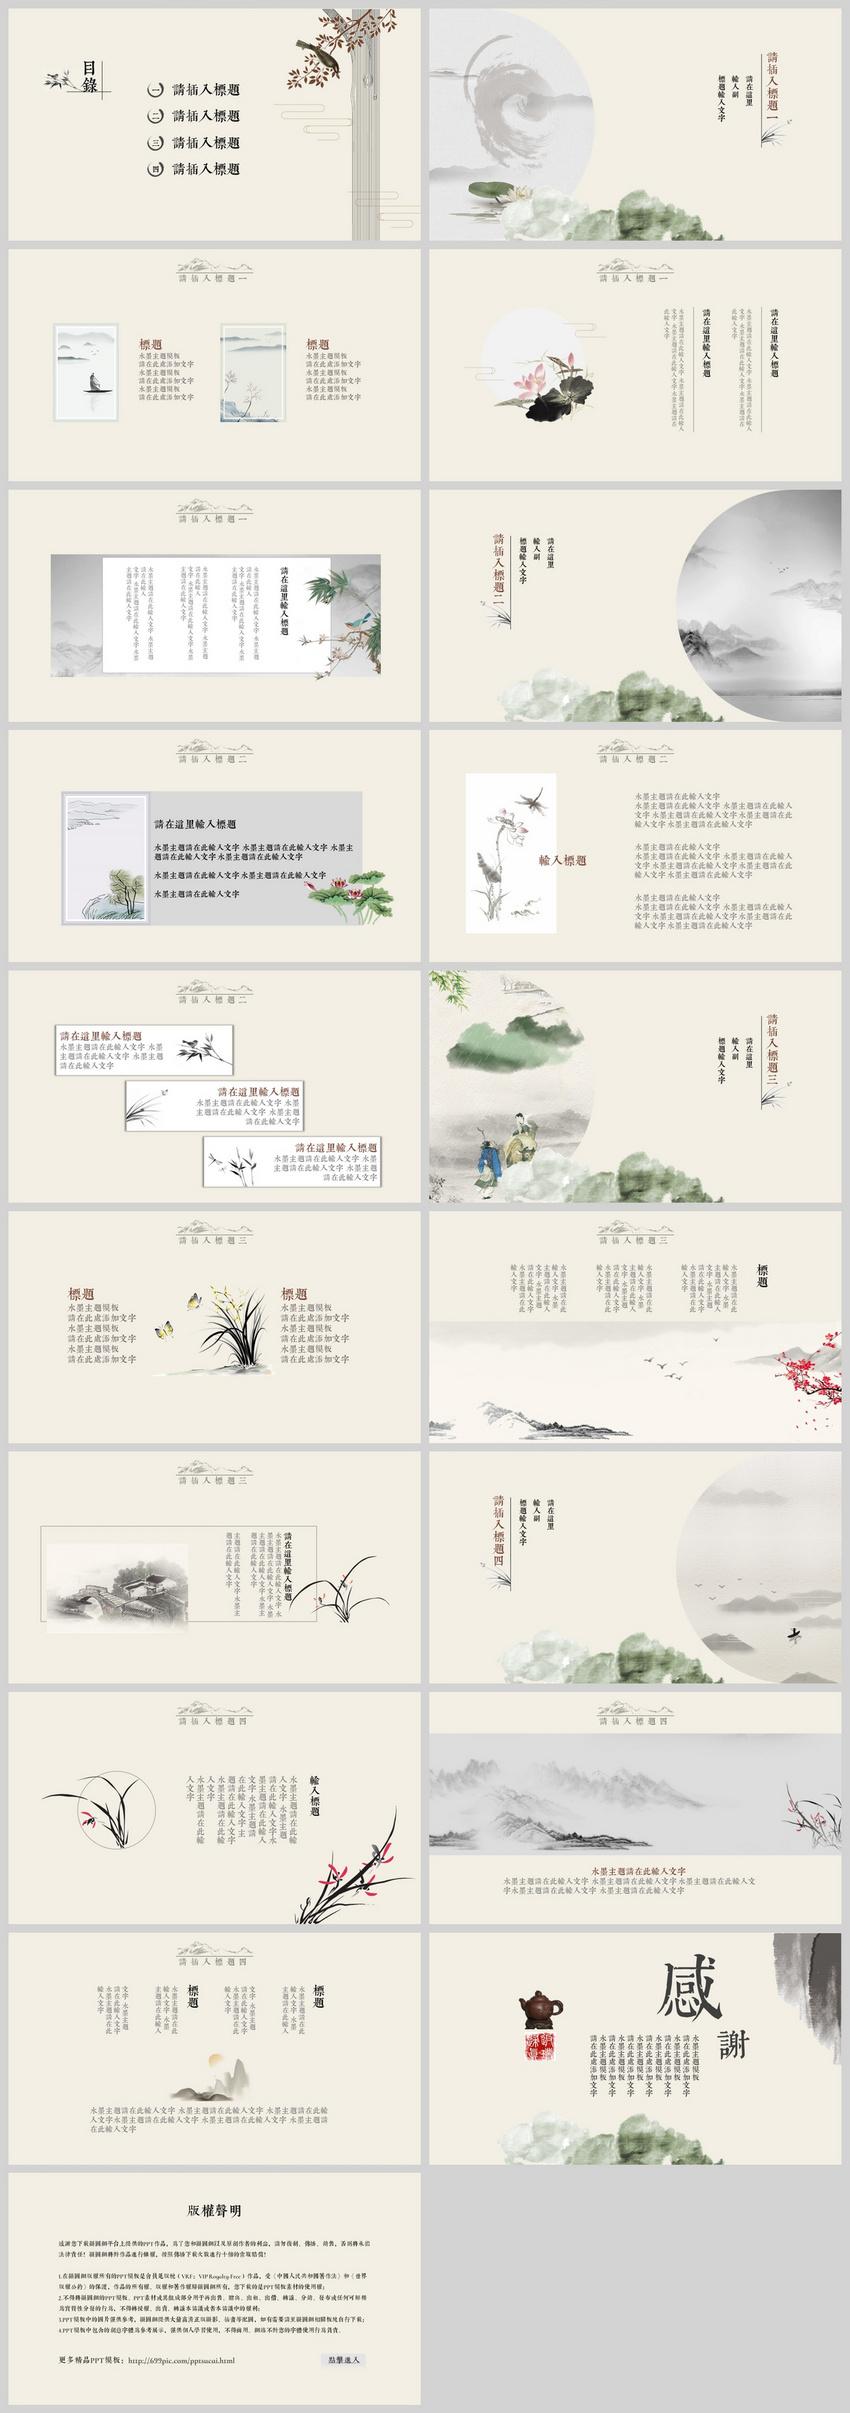 简约茶道介绍教育培训PPT模板图片